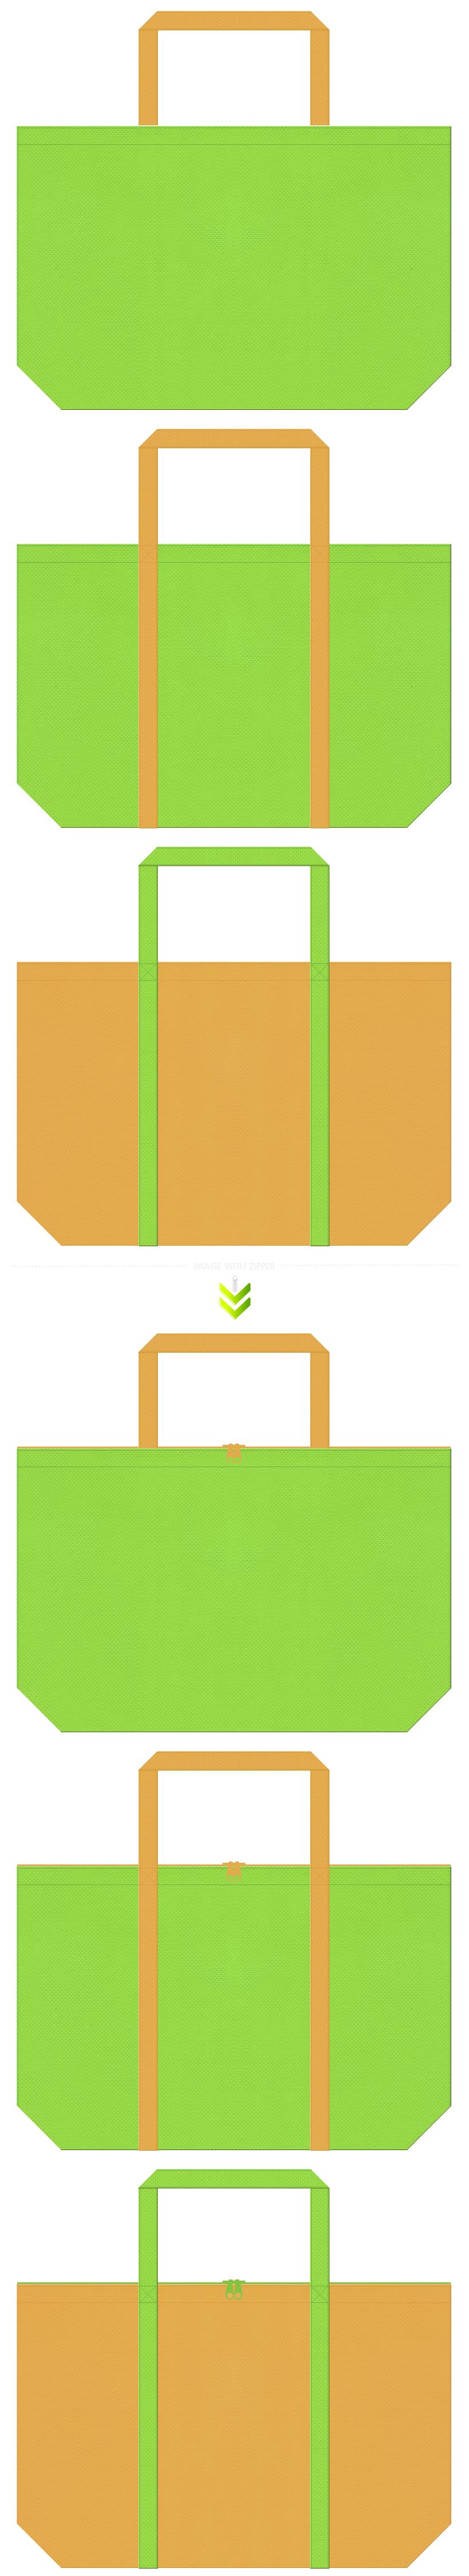 黄緑色と黄土色の不織布エコバッグのデザイン。